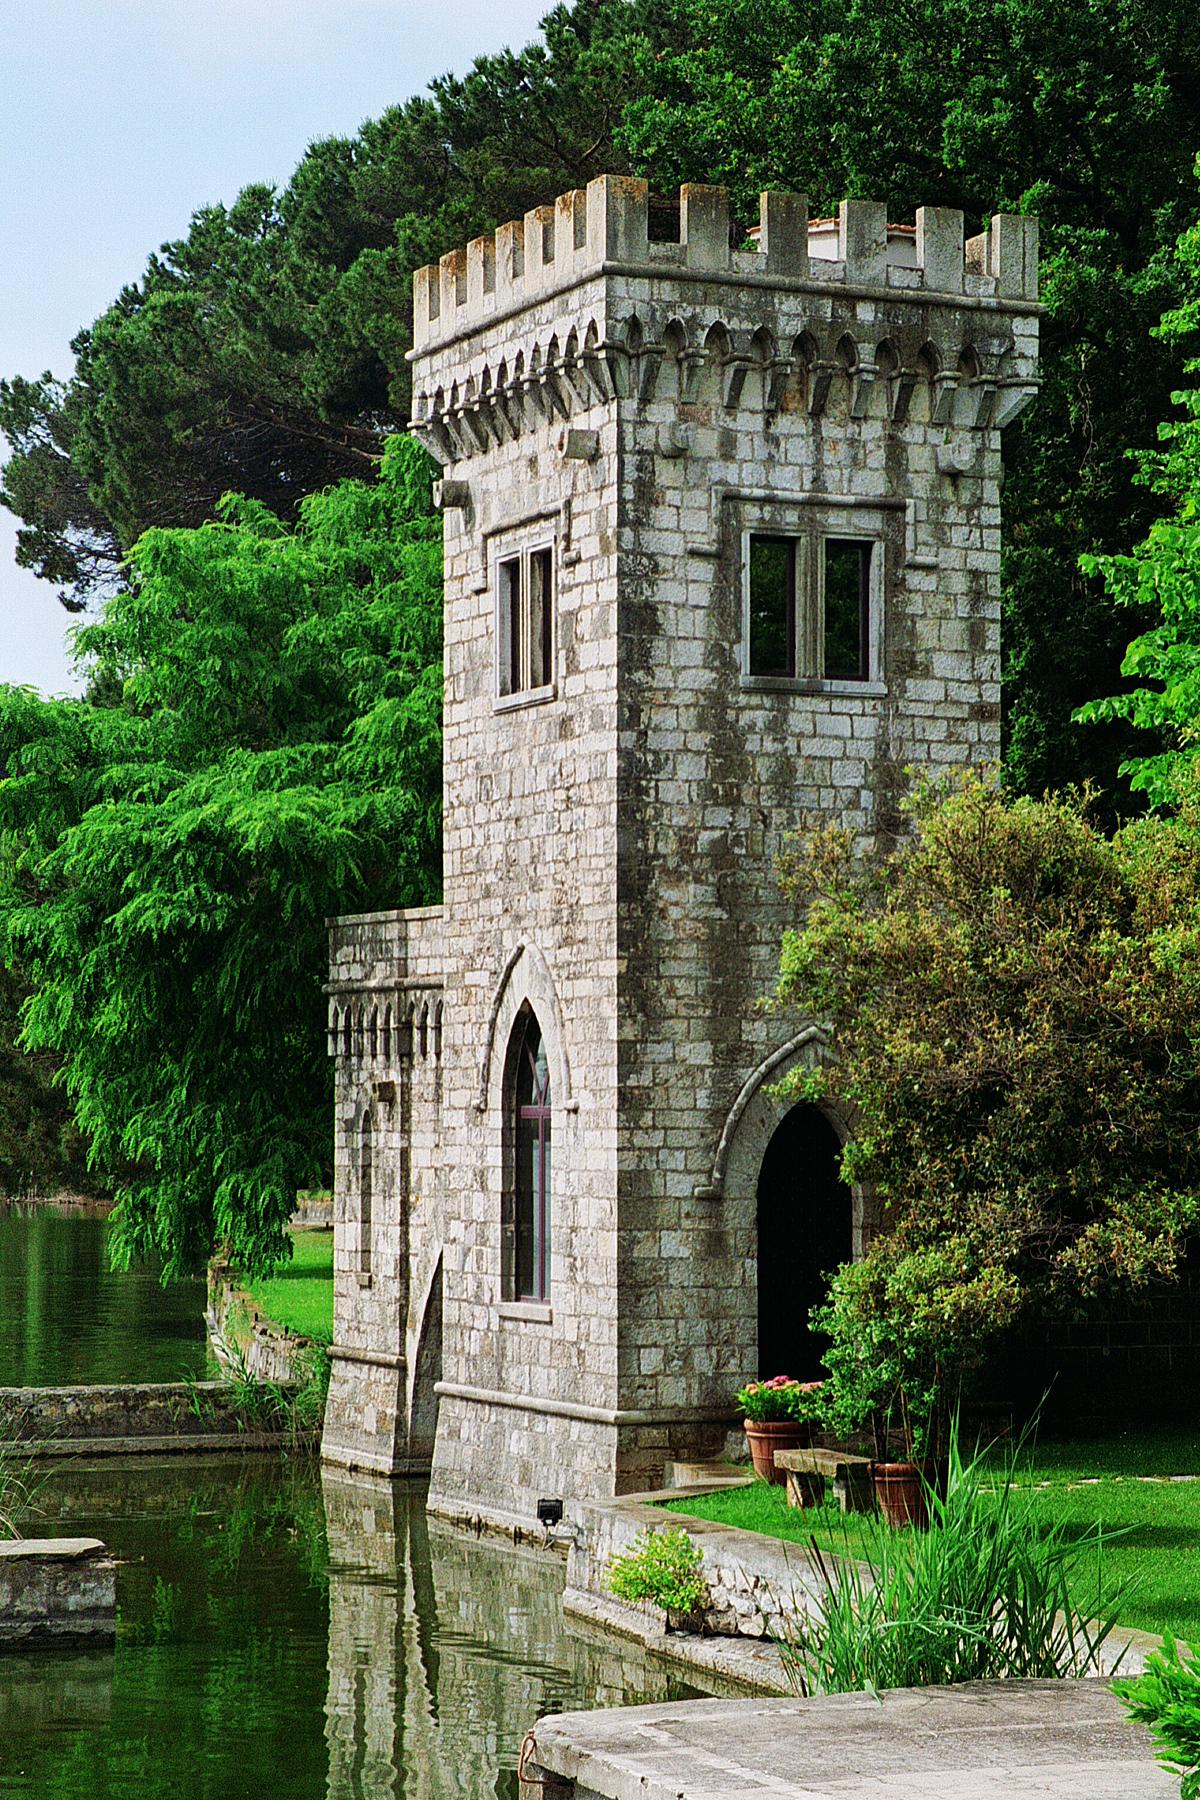 Giacomo puccini e torre del lago un amore durato decenni for Planimetrie della piccola casa sul lago